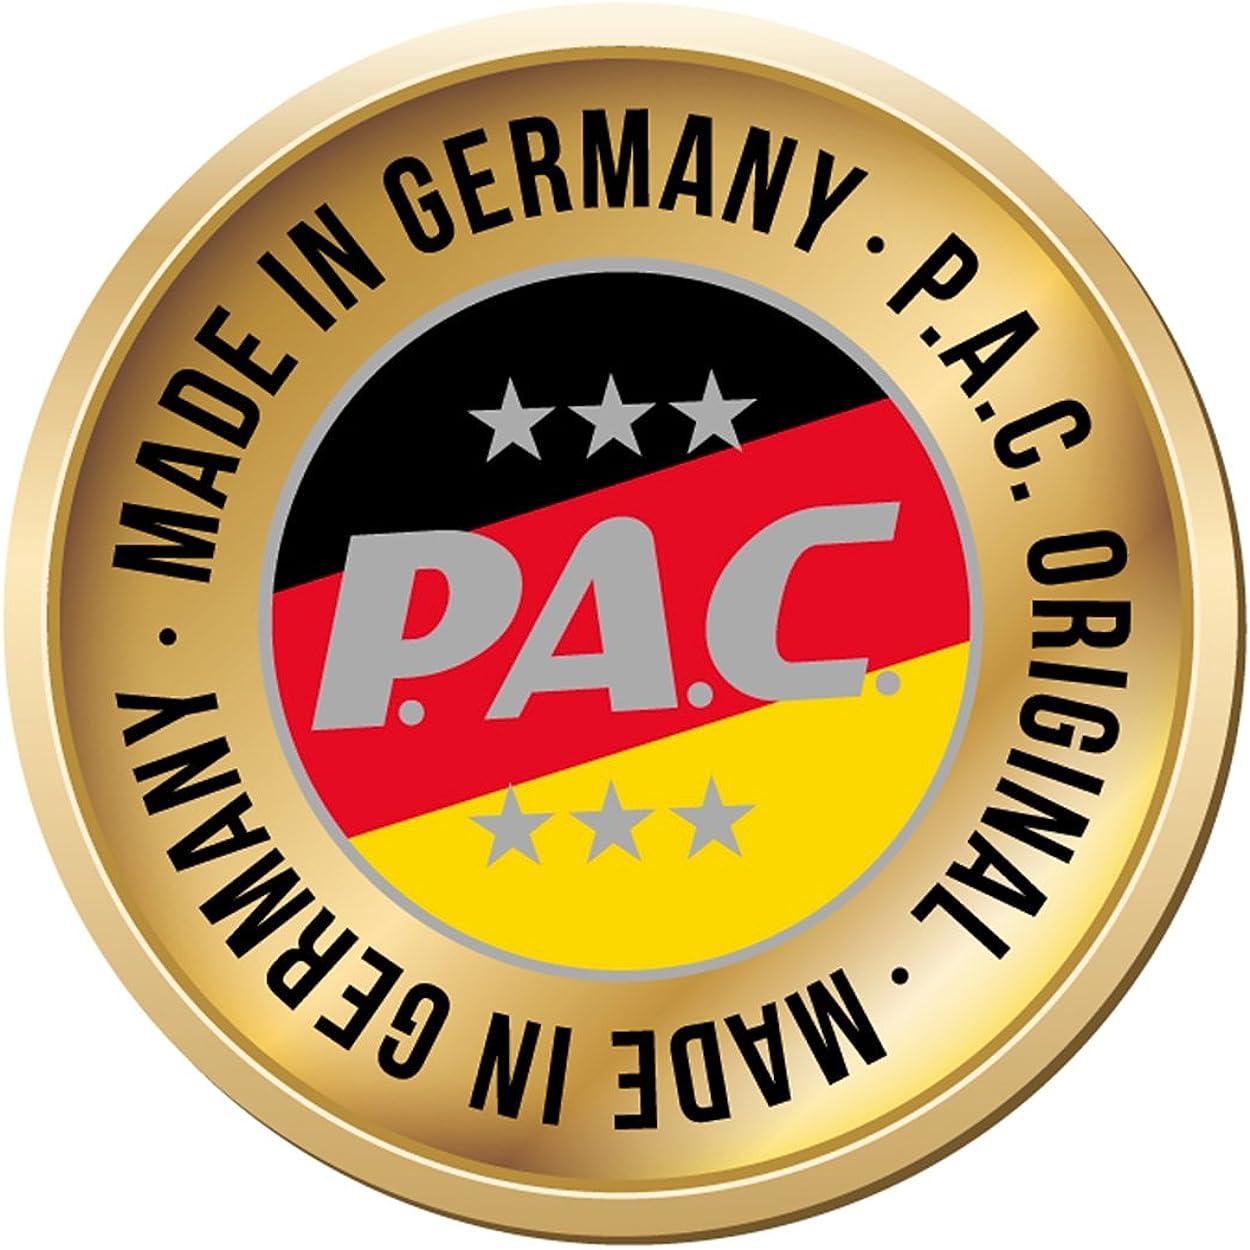 Kopftuch P.A.C Halstuch 8 Anwendungsm/öglichkeiten Merino Fleece Prina Blue Multifunktionstuch Unisex Schal Merinowoll Schlauchtuch